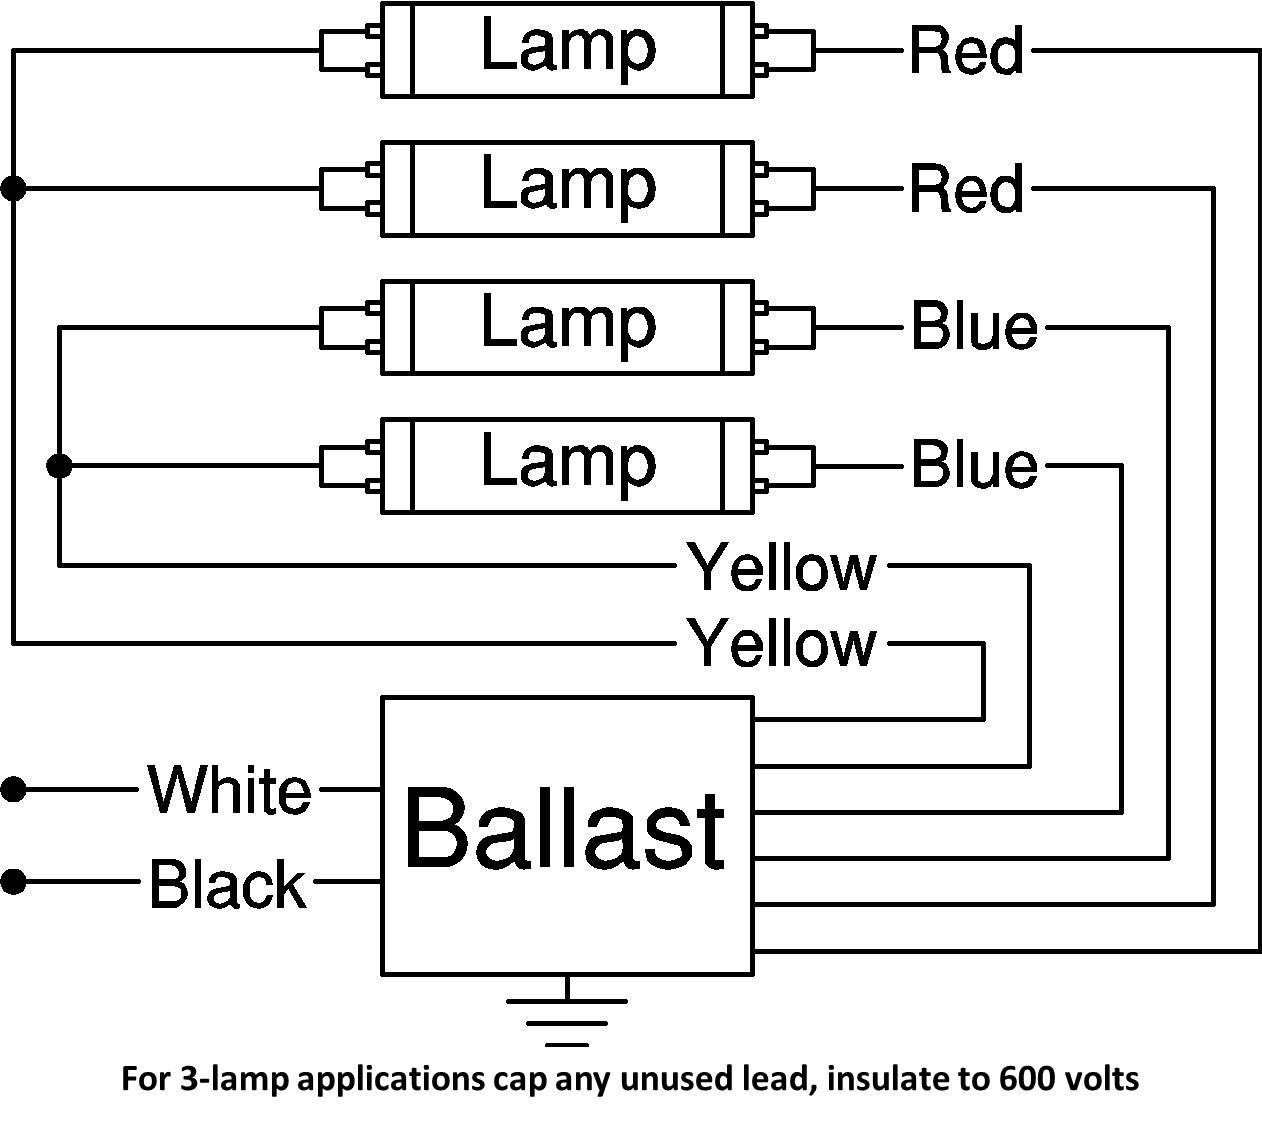 Philips Centium Ballast Wiring Diagram - T Bucket Wiring Diagram for Wiring  Diagram Schematics   Advance Sign Ballast Wiring Diagram      Wiring Diagram Schematics